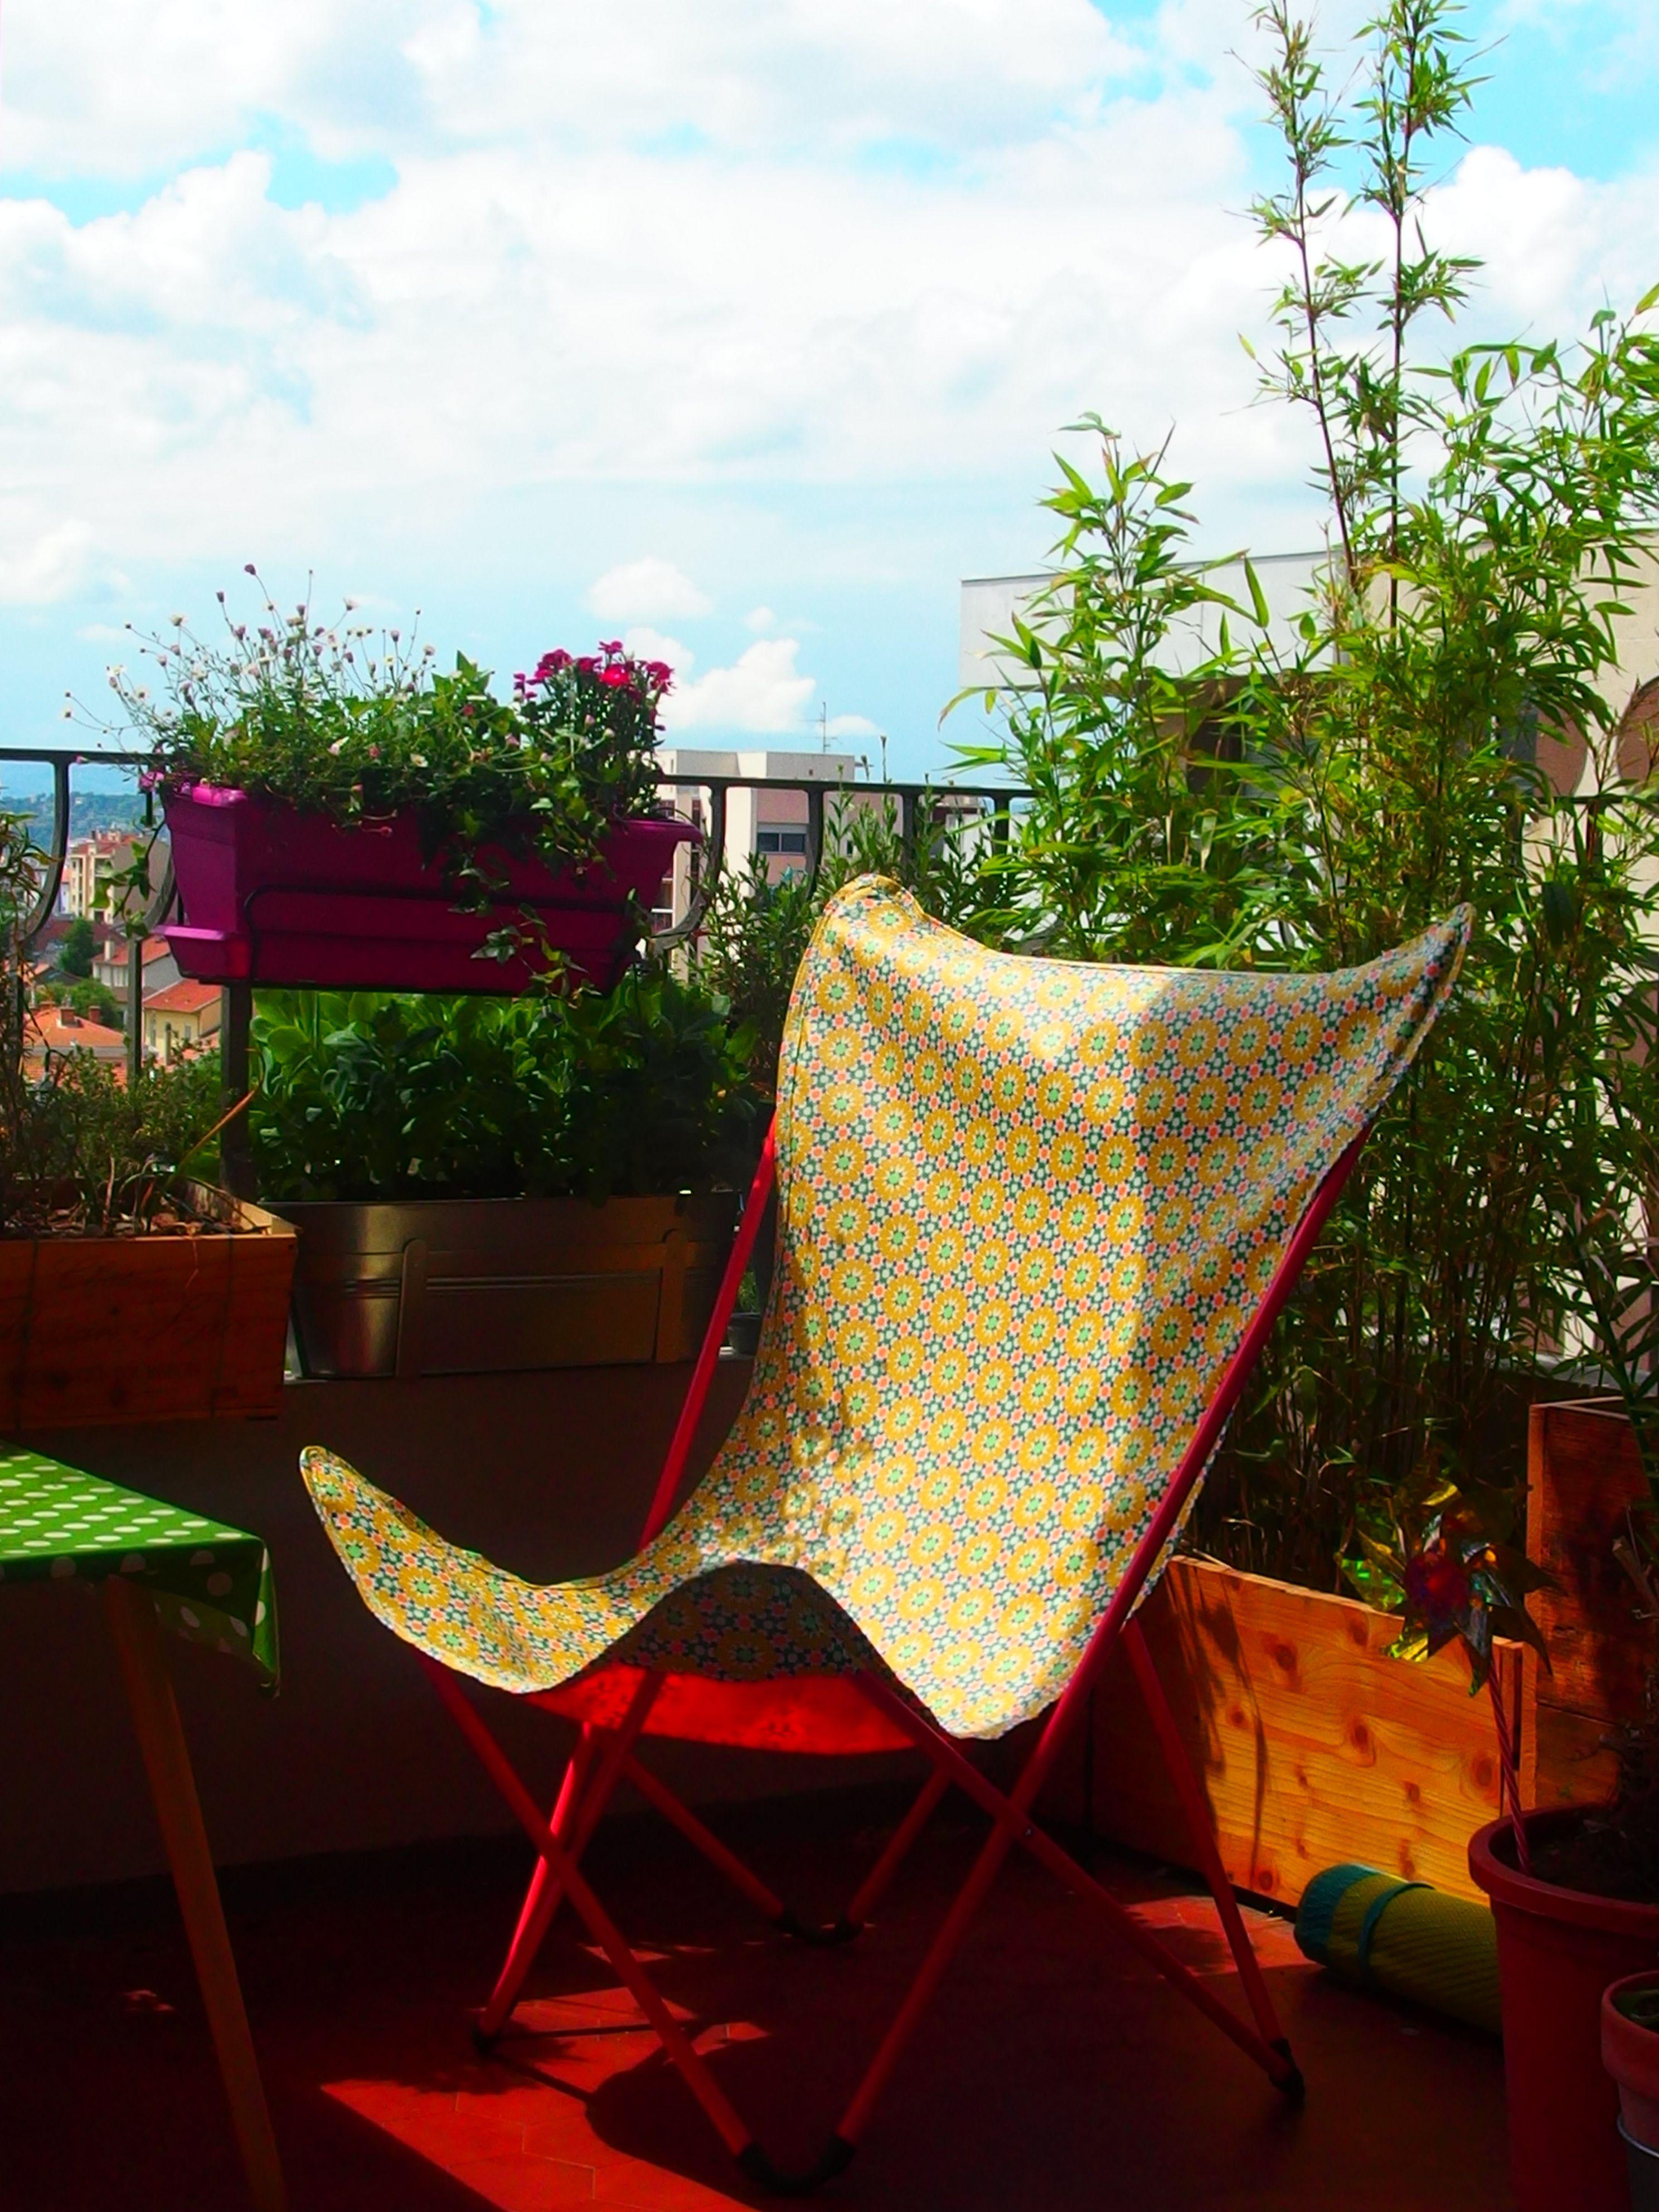 Comment Faire Une Housse De Fauteuil housse diy - fauteuil maxi pop up lafuma - déco balcon en